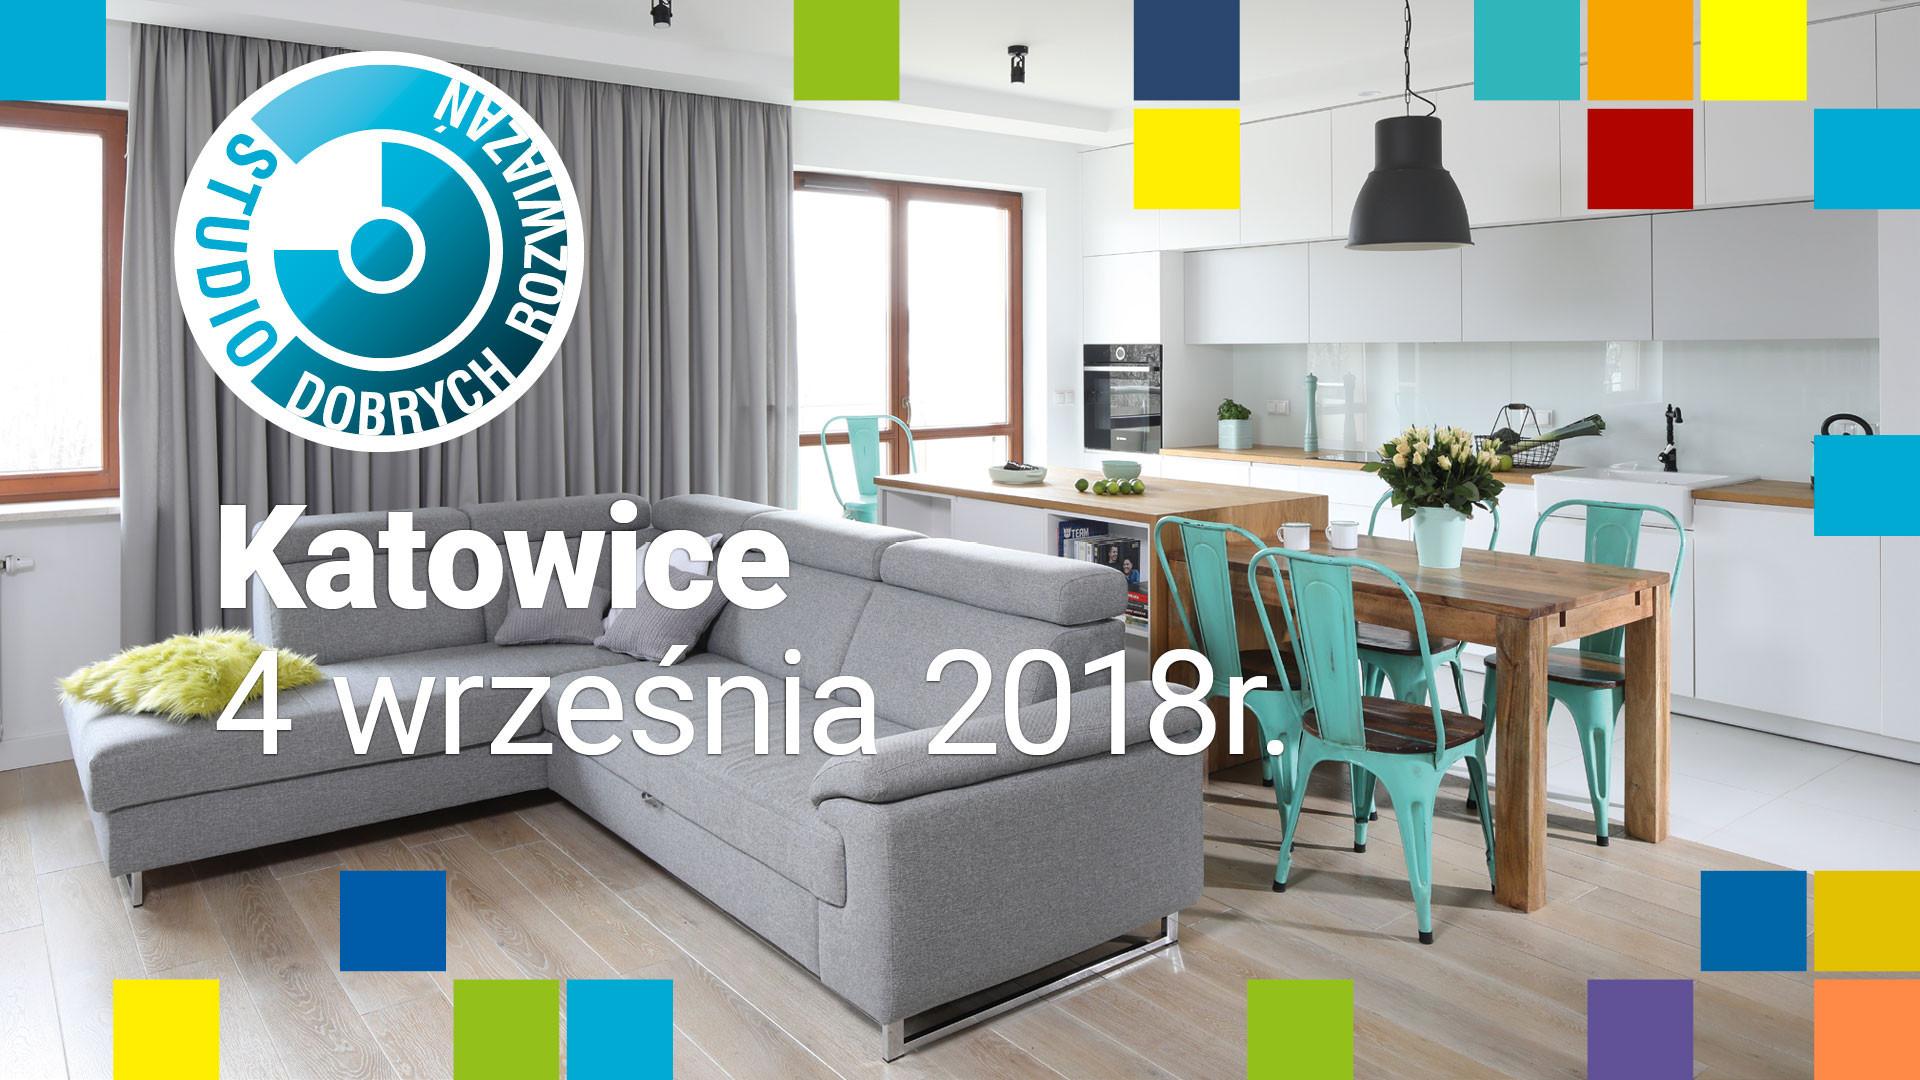 Studio Dobrych Rozwiązań w Katowicach - 4 września 2018.